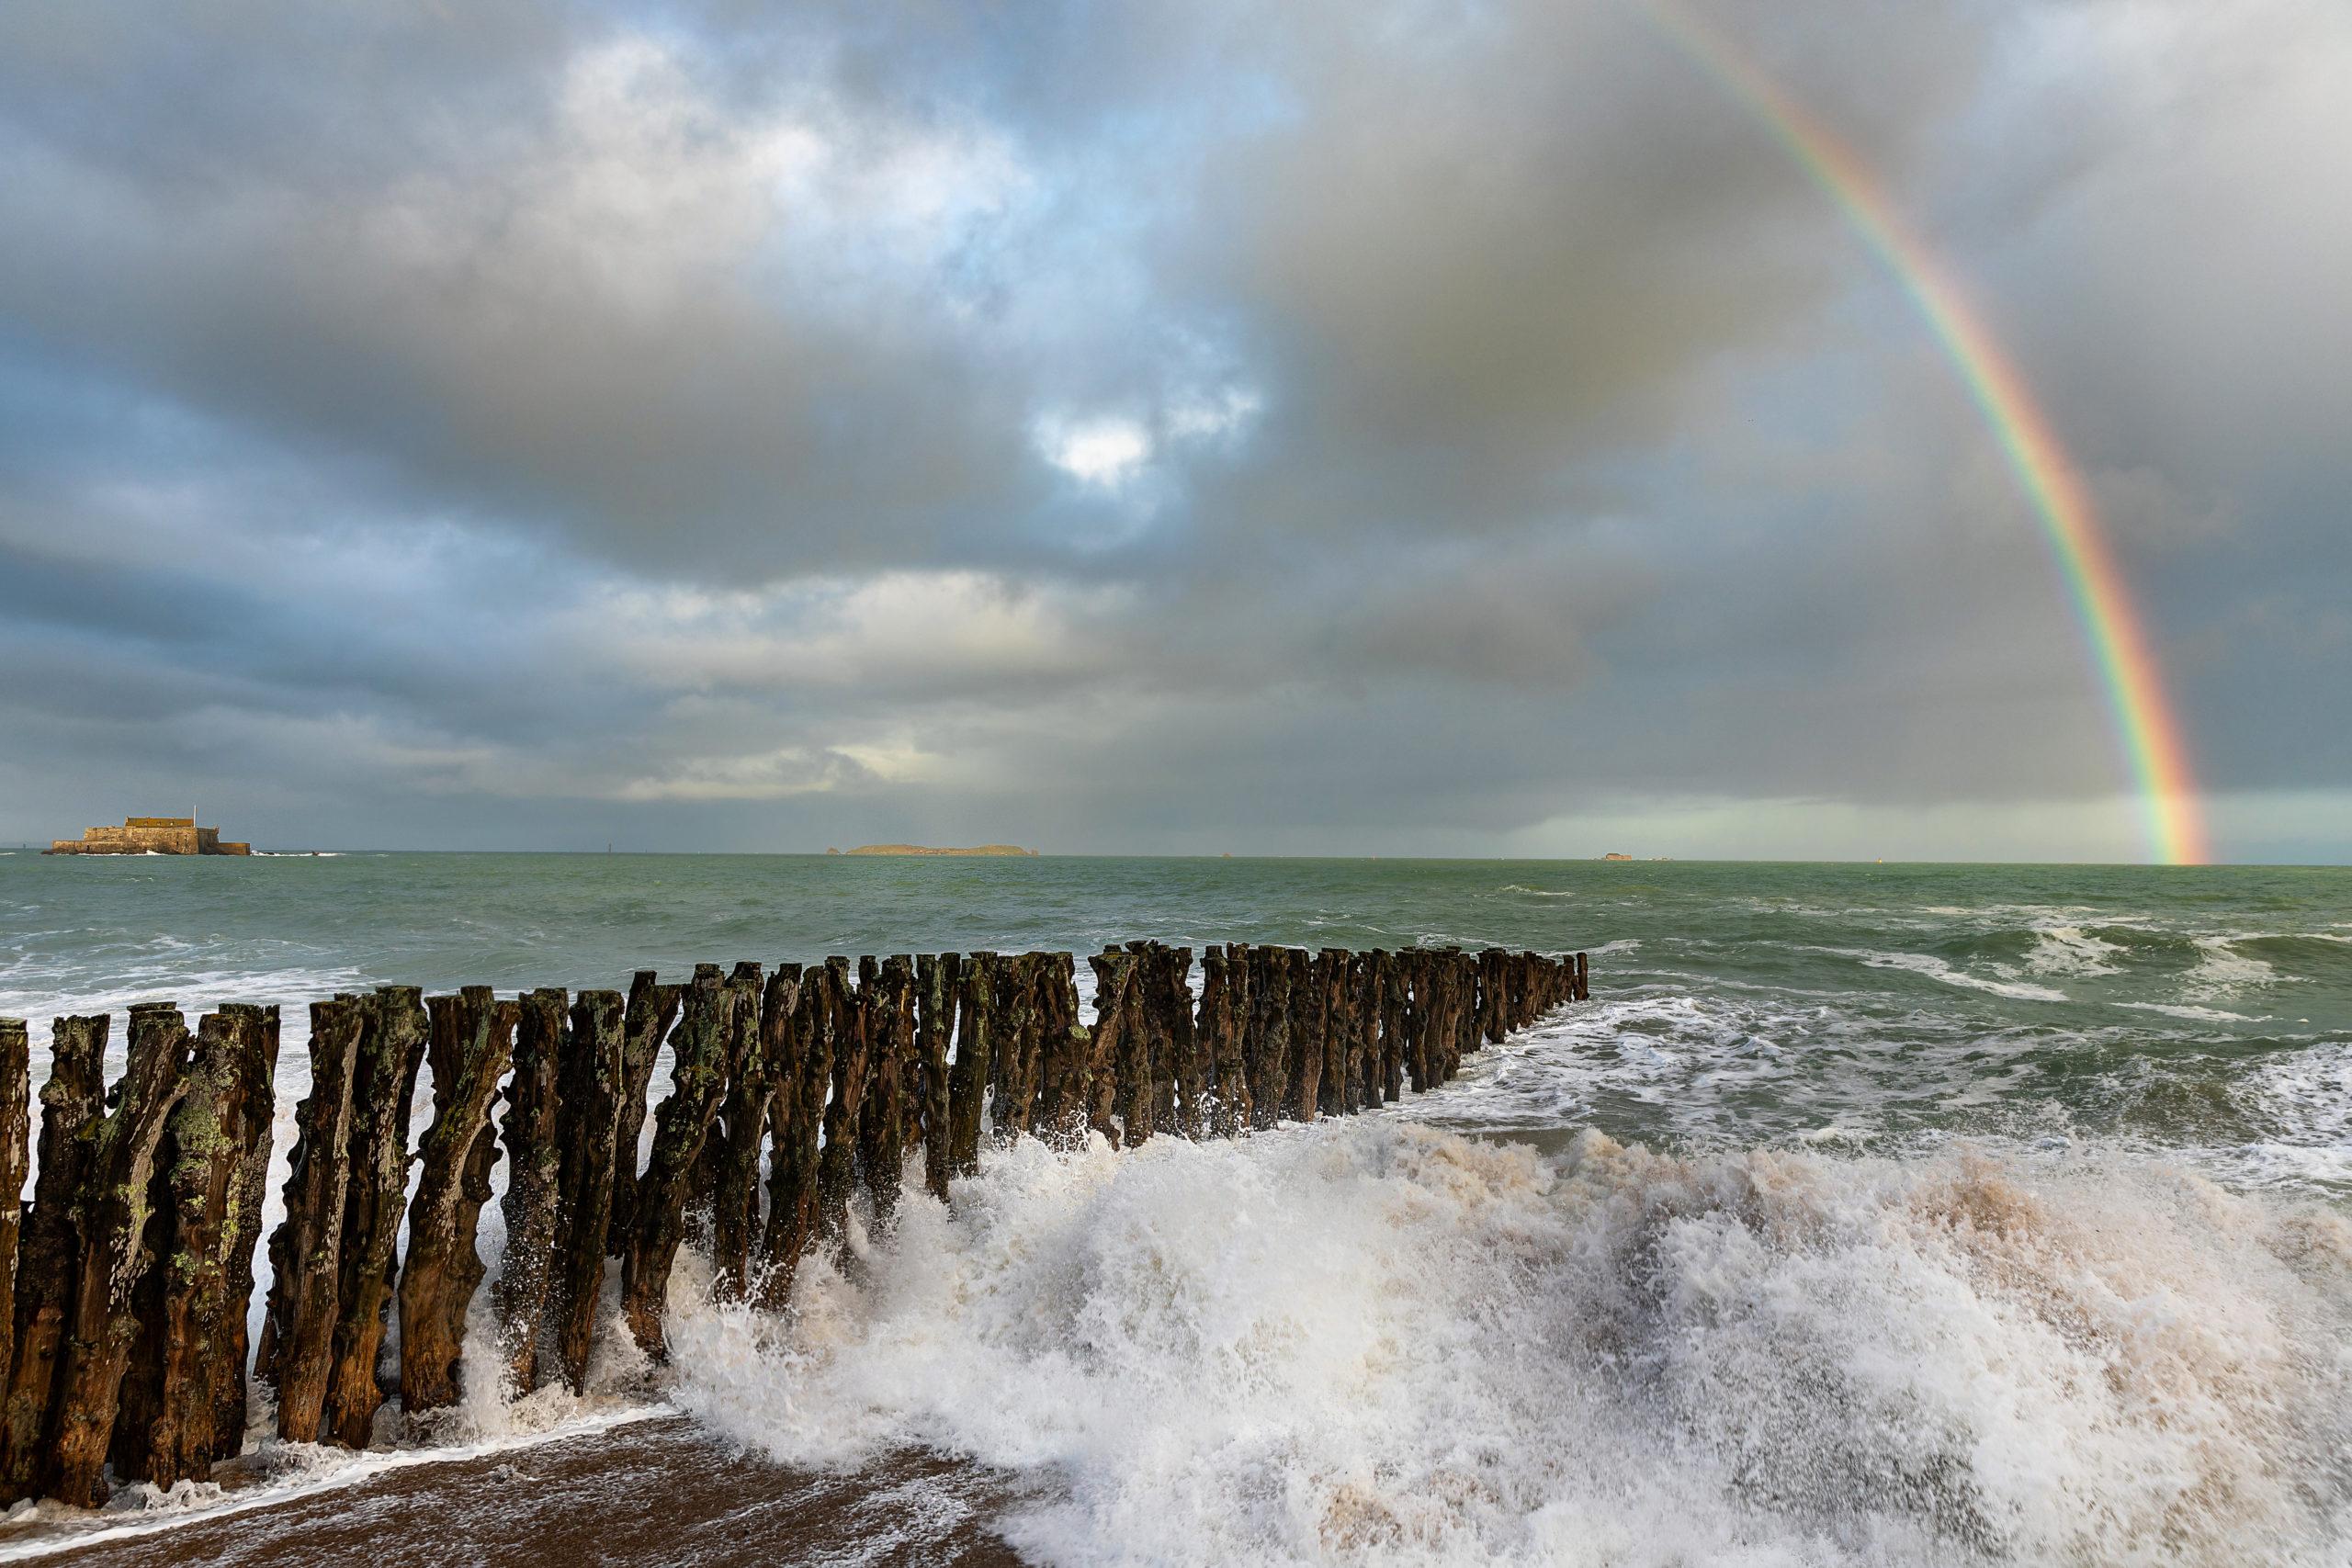 photographie tempête grande marée rainbow